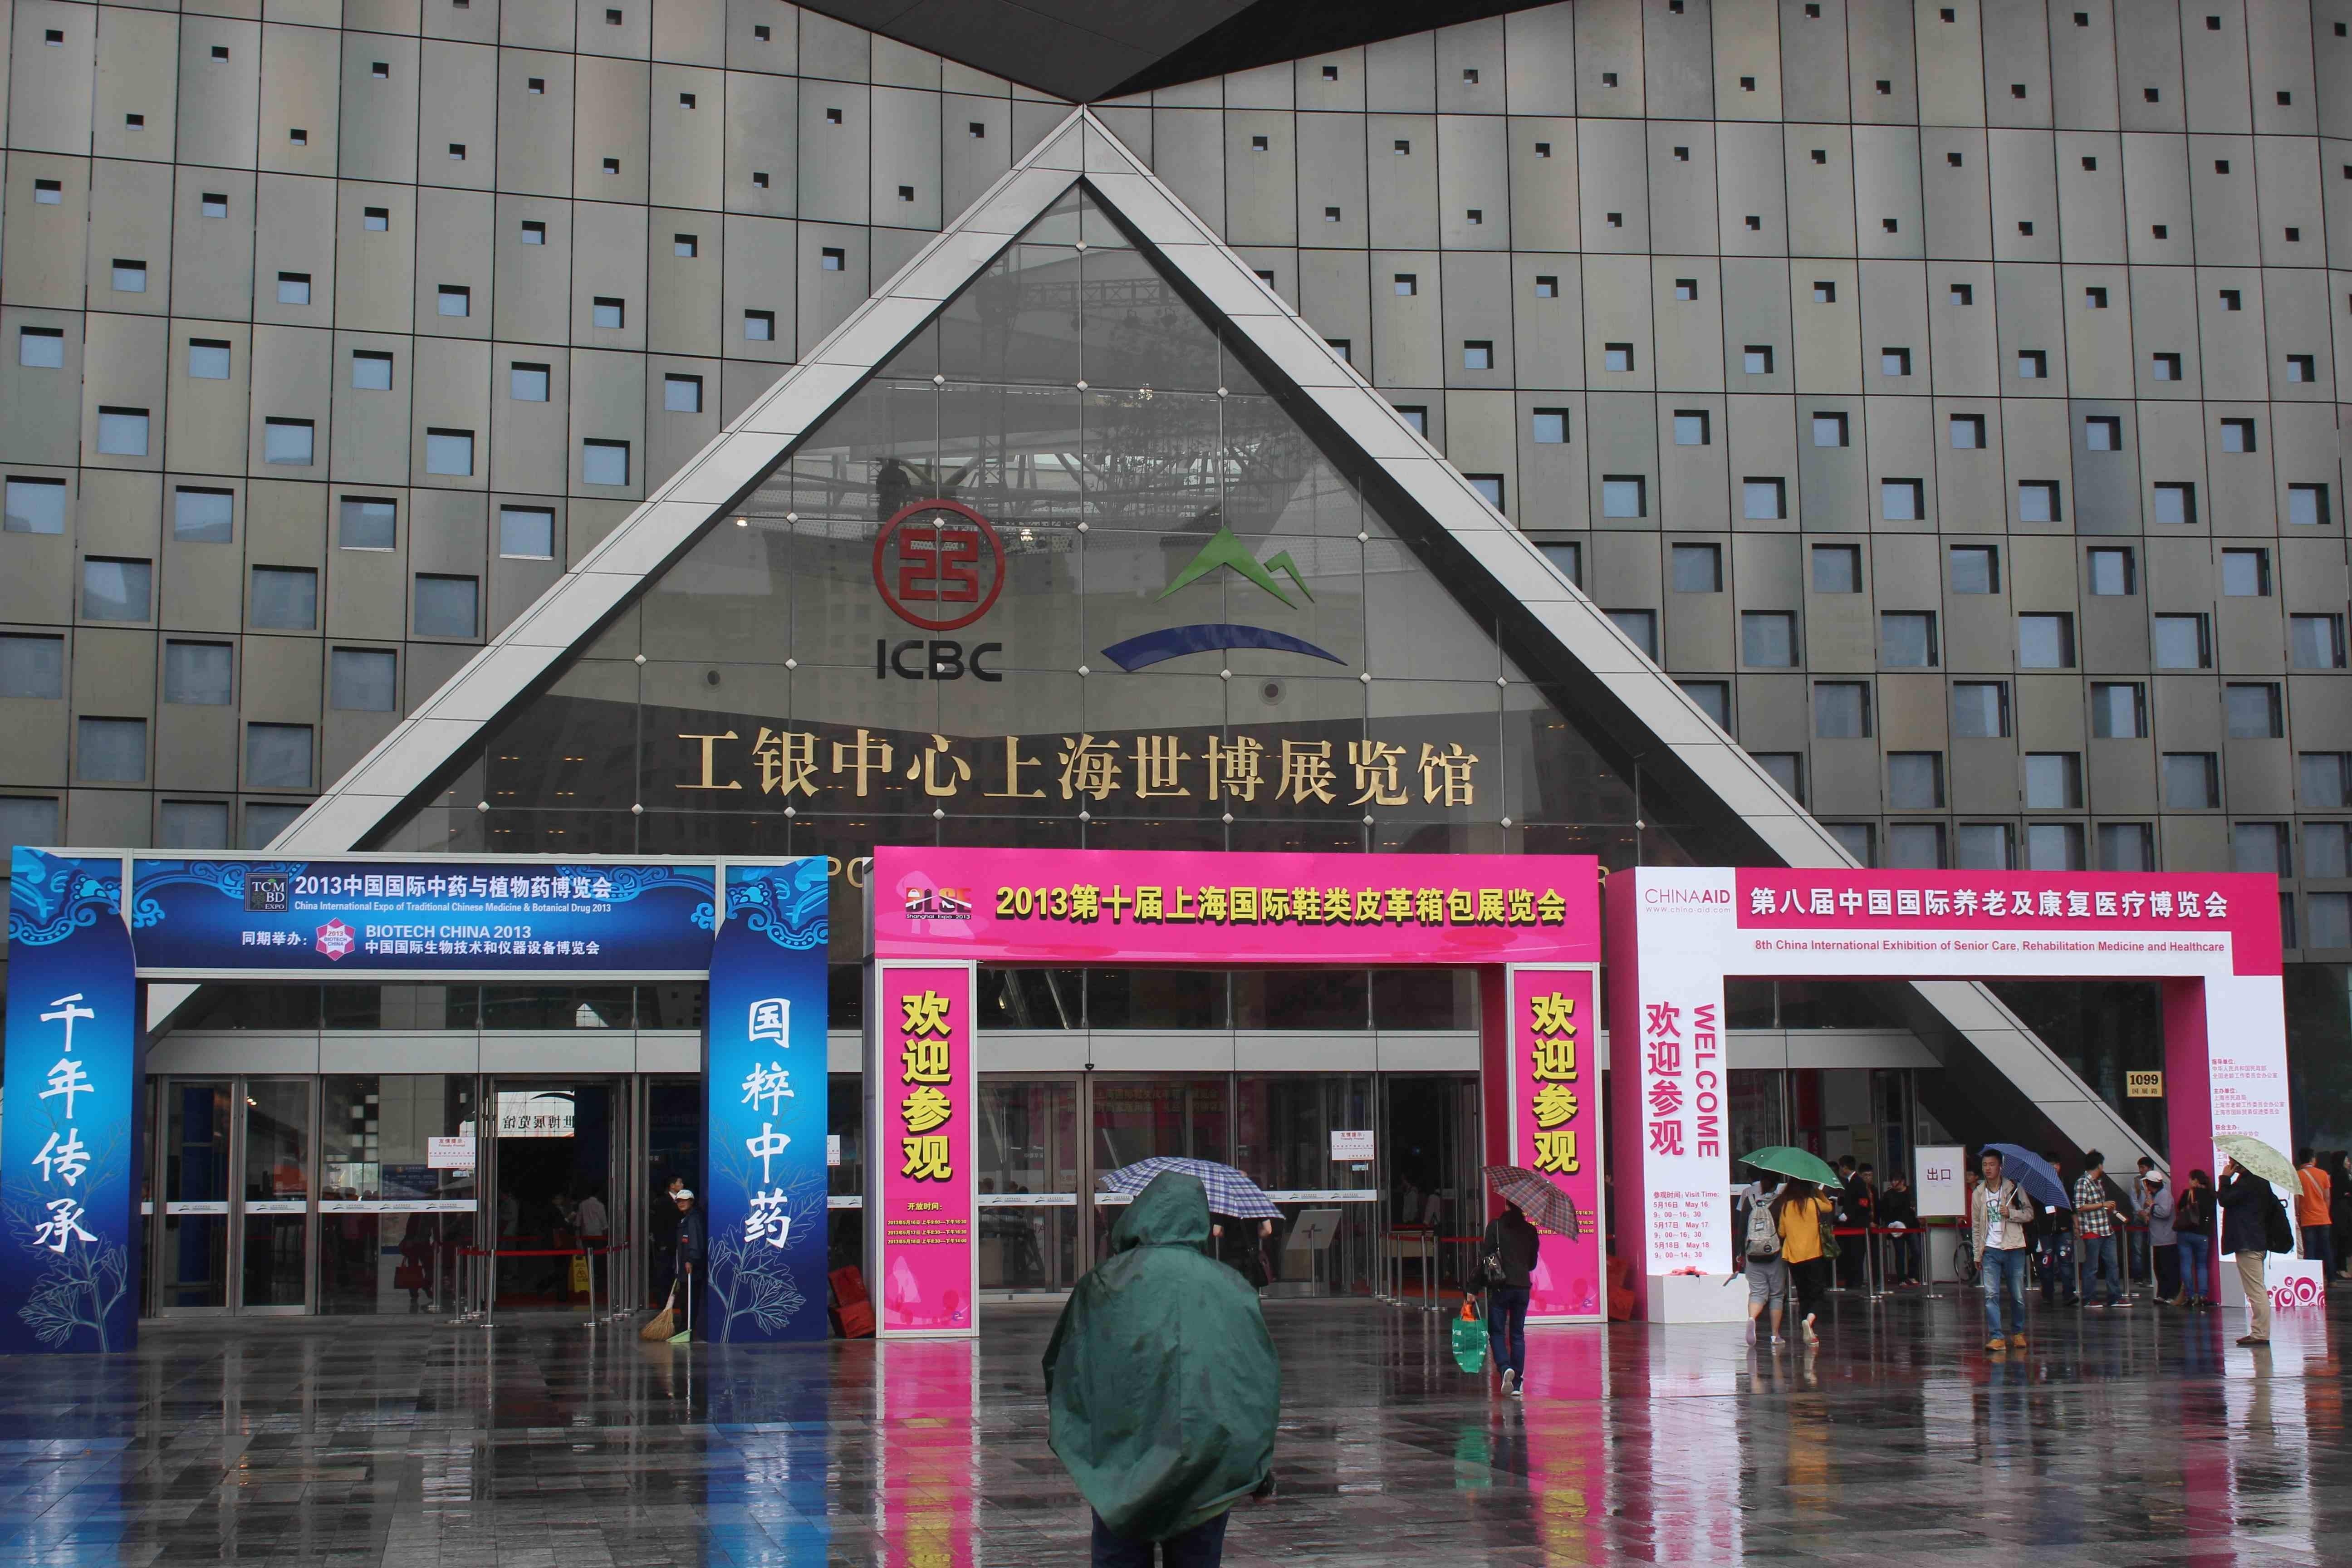 上海世博展览馆一览